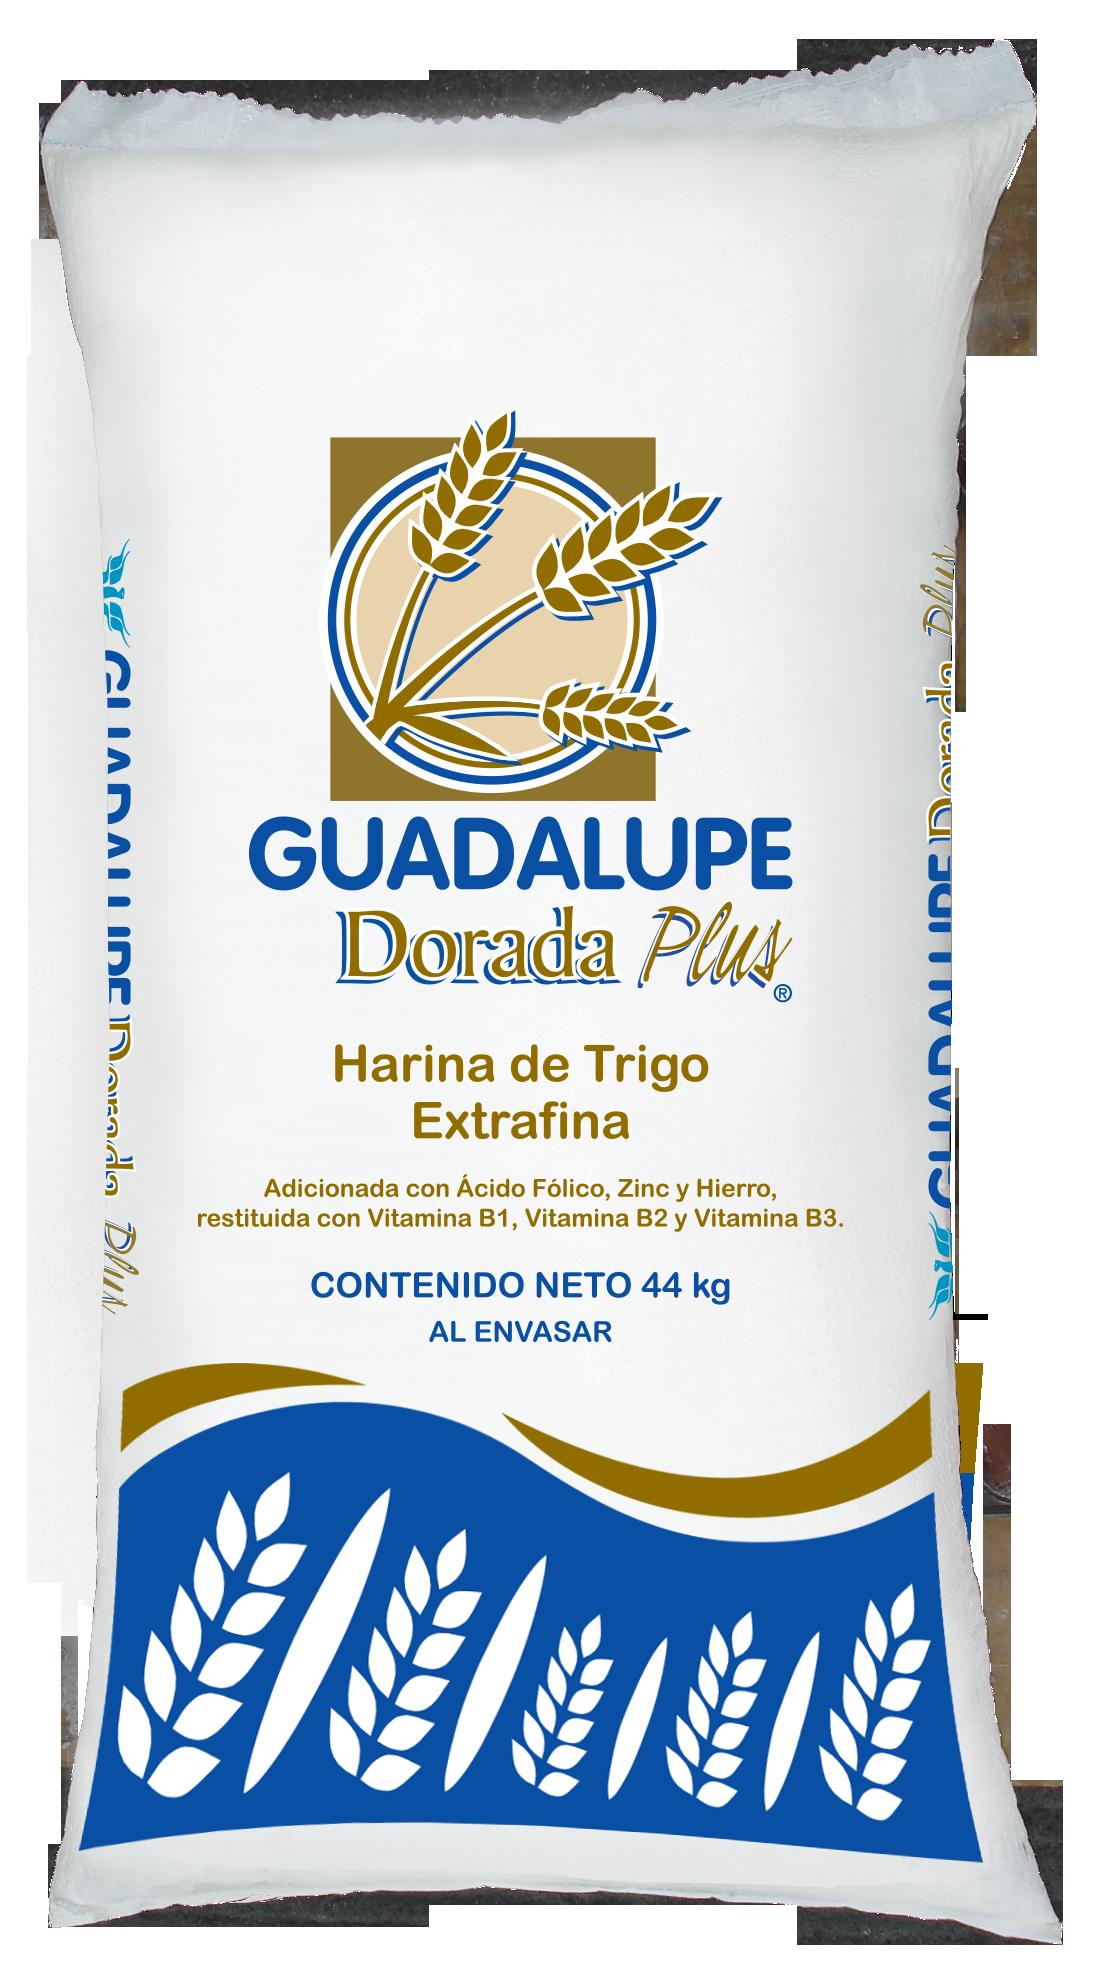 Presentaciones de Harina de Trigo Guadalupe Dorada Plus